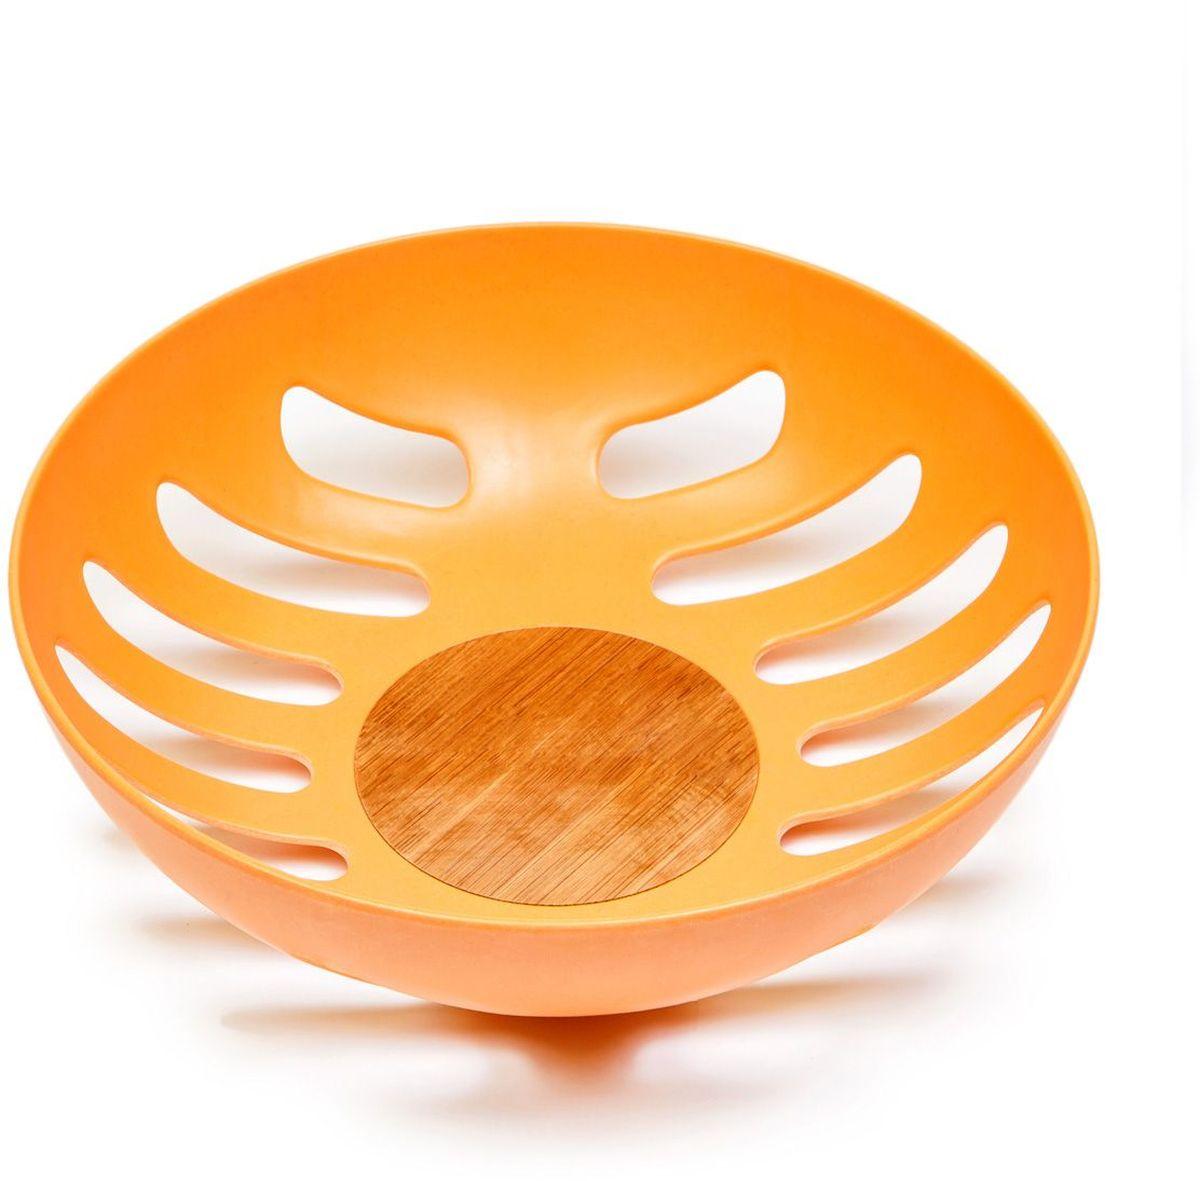 Фруктовница MoulinVilla, цвет: оранжевый, 21,8 х 21,8 х 6,3 смTSF-24-OФруктовница MOULINvilla, изготовленная из природного бамбука, очищенного от вредных примесей идеально подходит для хранения и красивой сервировки любых фруктов. Для окраски используются натуральные пищевые красители. Бамбук, сам по себе, является природным антисептиком. Эта уникальная особенность посуды гарантирует безопасность при эксплуатации и хранении различных видов пищевой продукции. Можно мыть в посудомоечной машине.